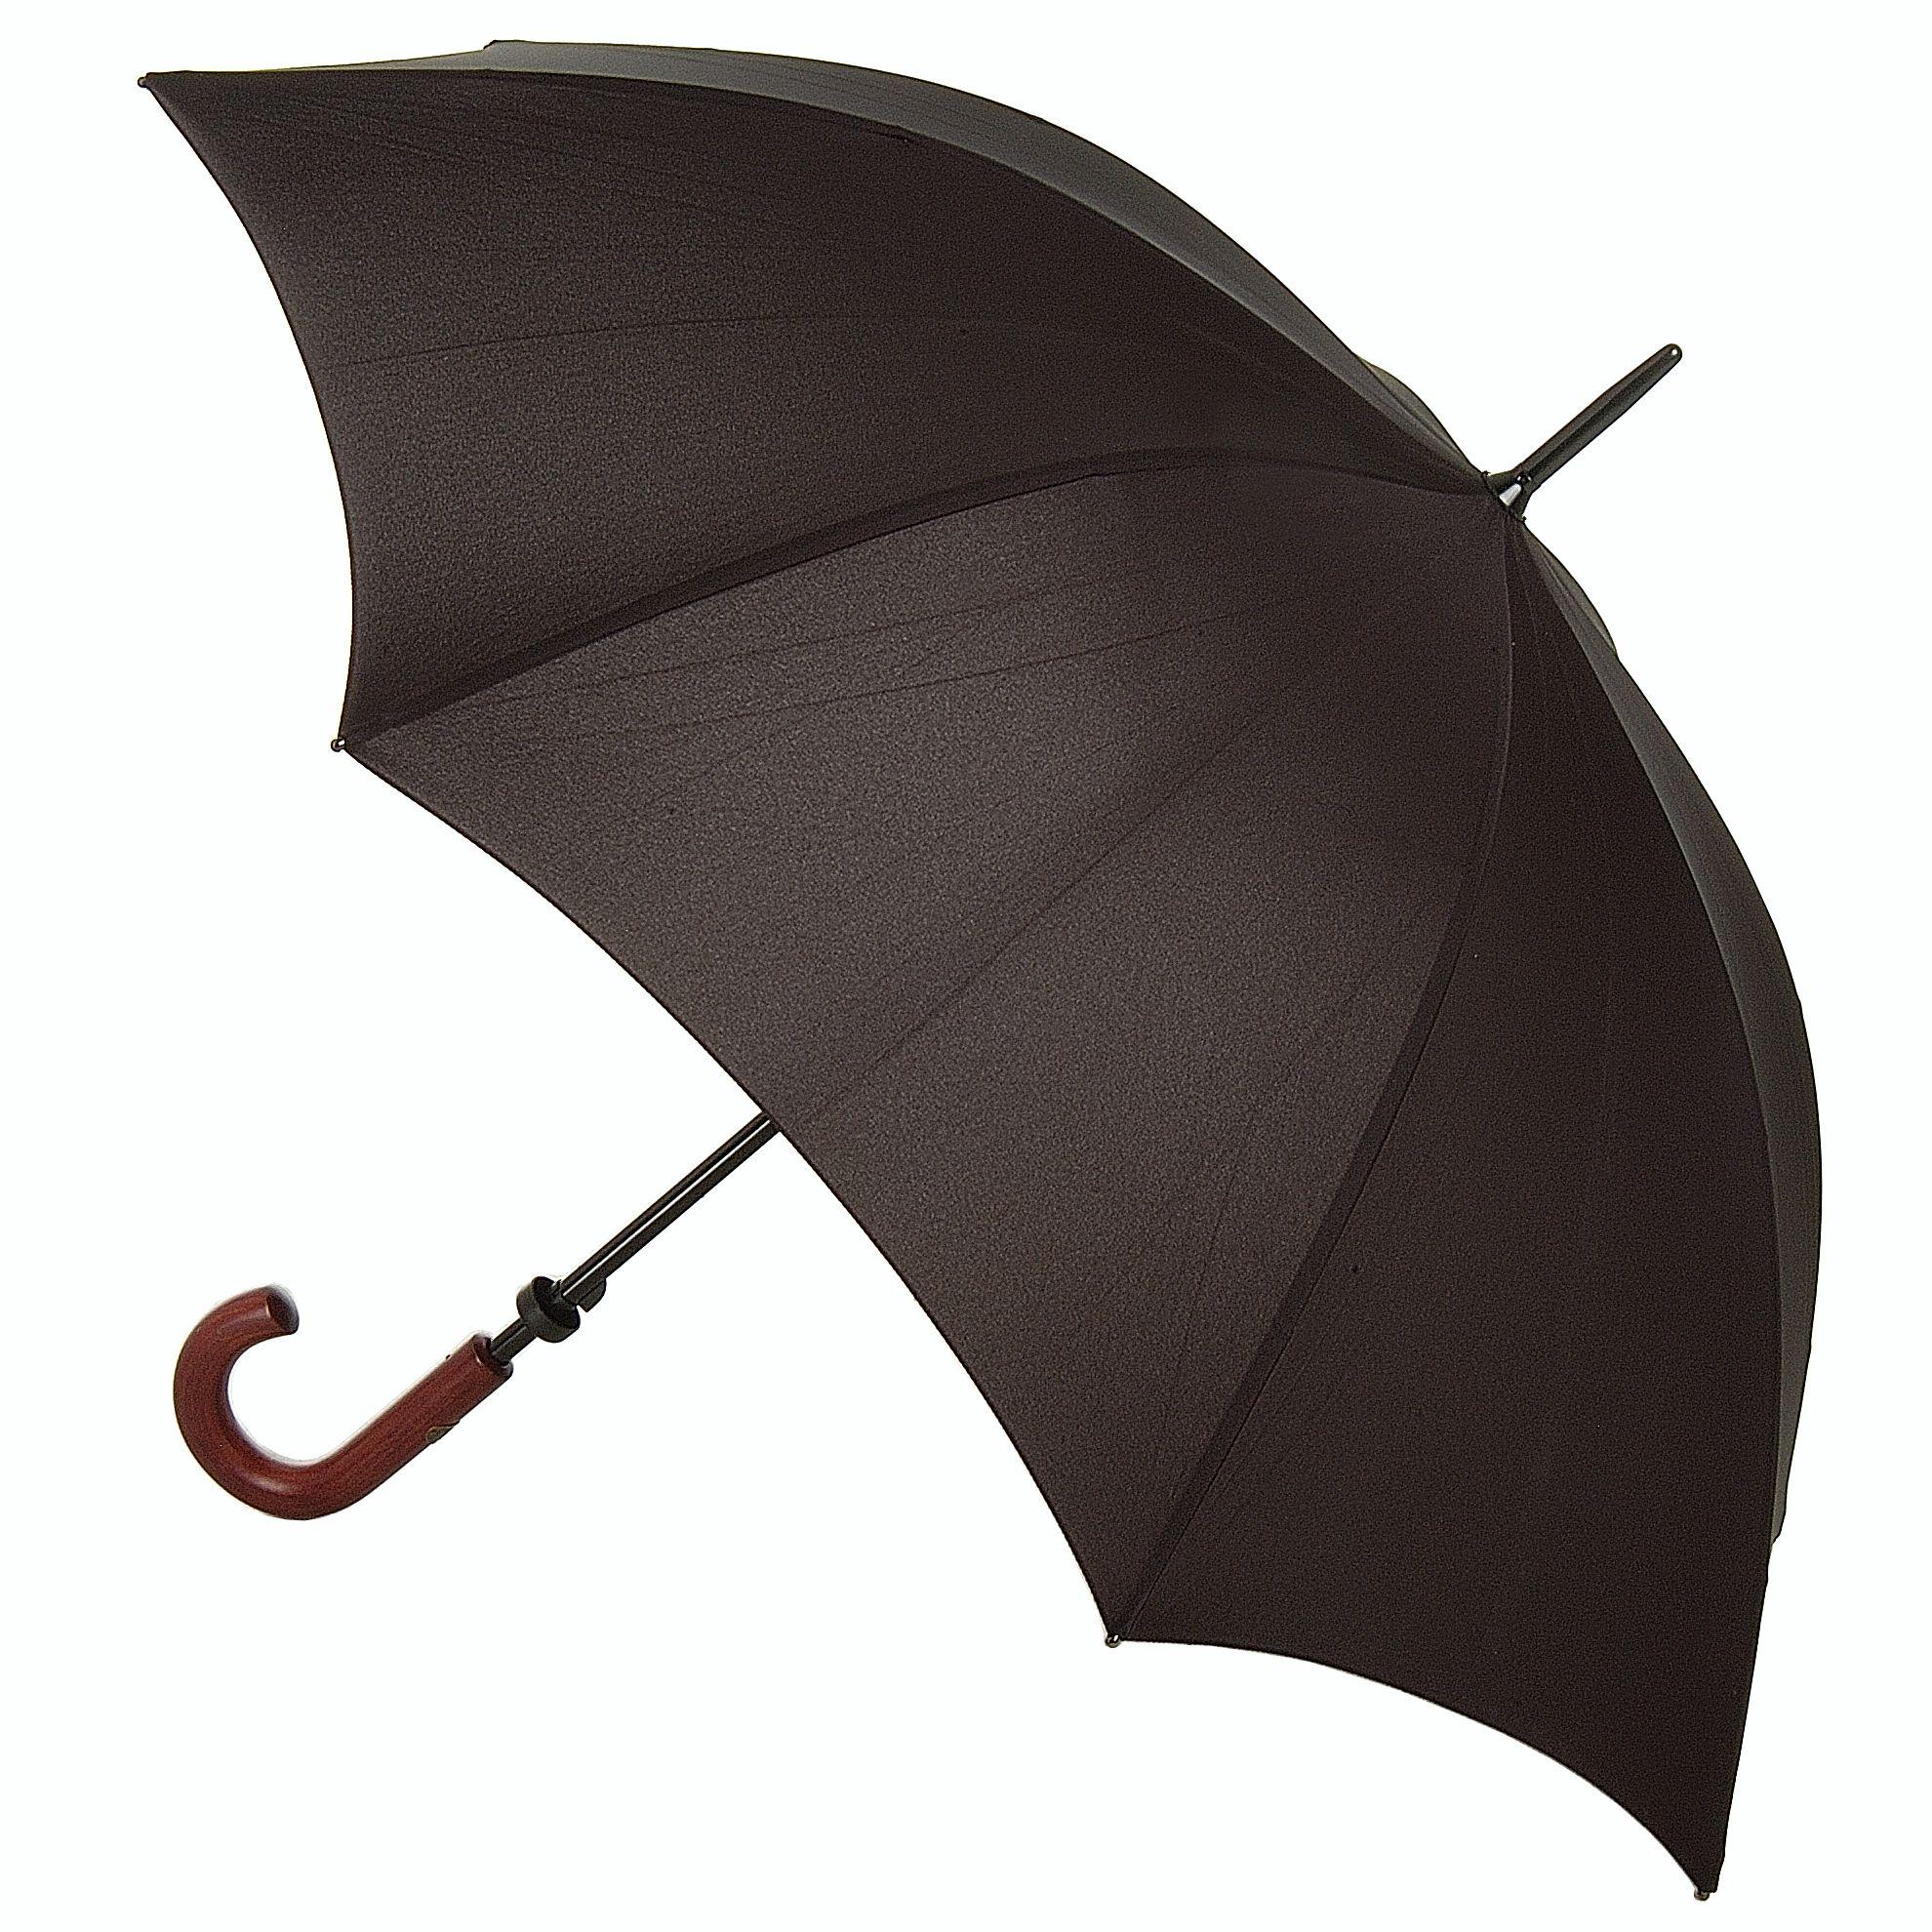 Fulton Fulton Huntsman 1 Umbrella, Black